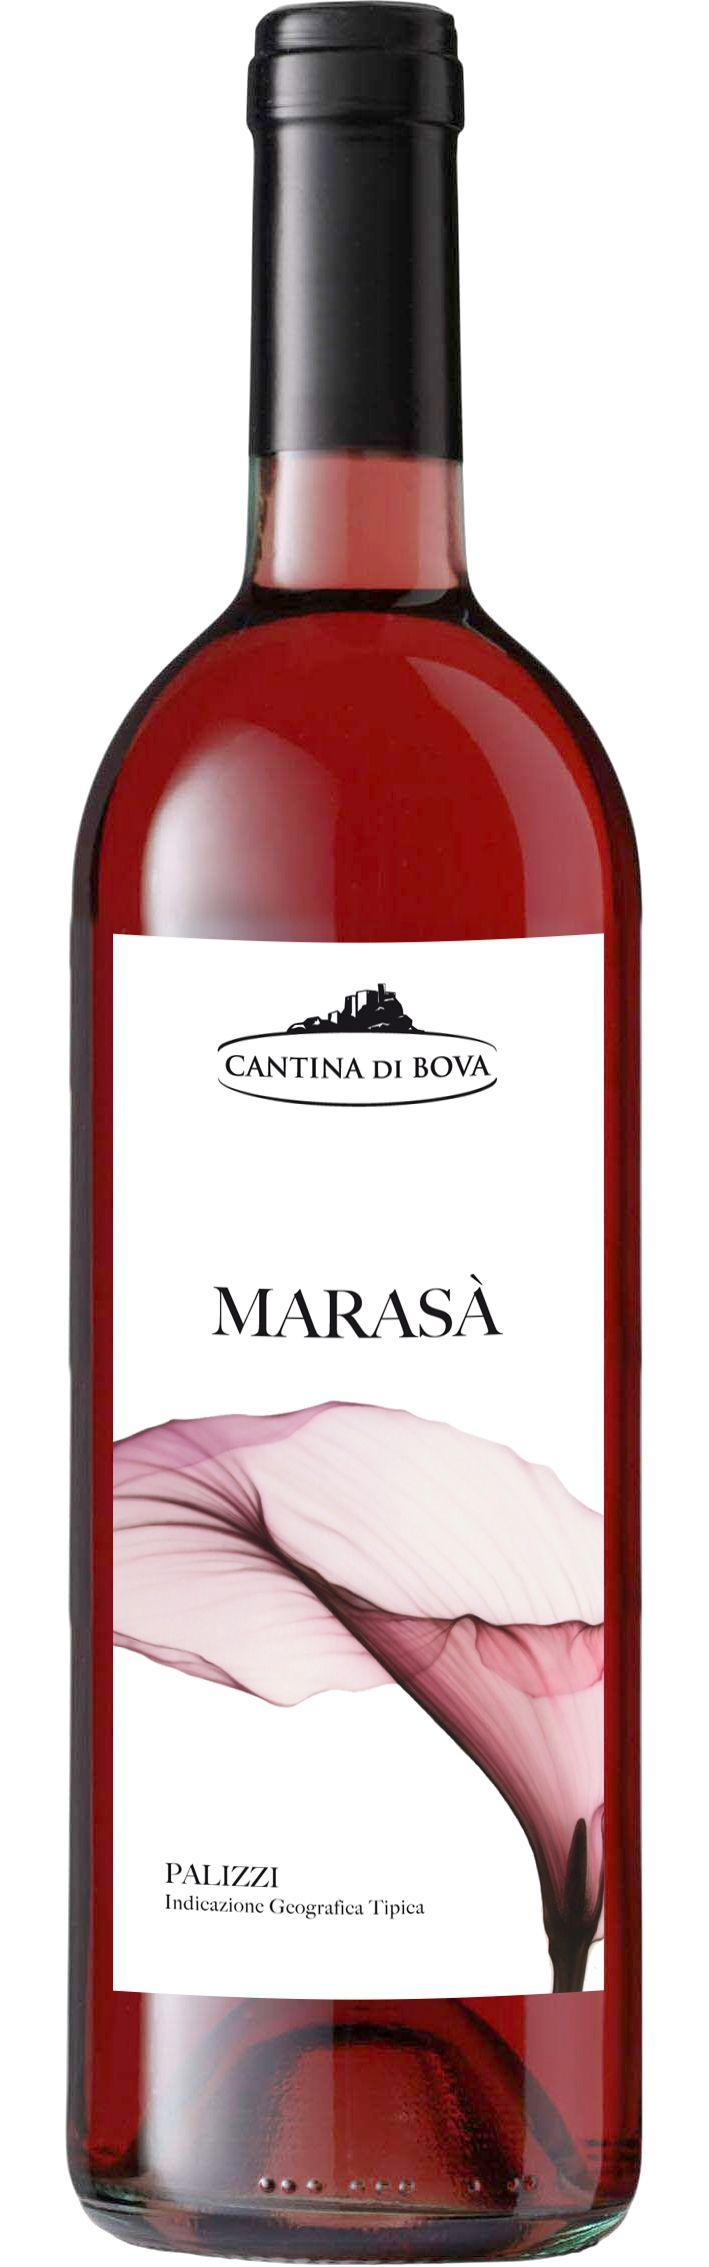 """Etichetta vino rosato """"Marasà"""" - Cantina di Bova - RC"""